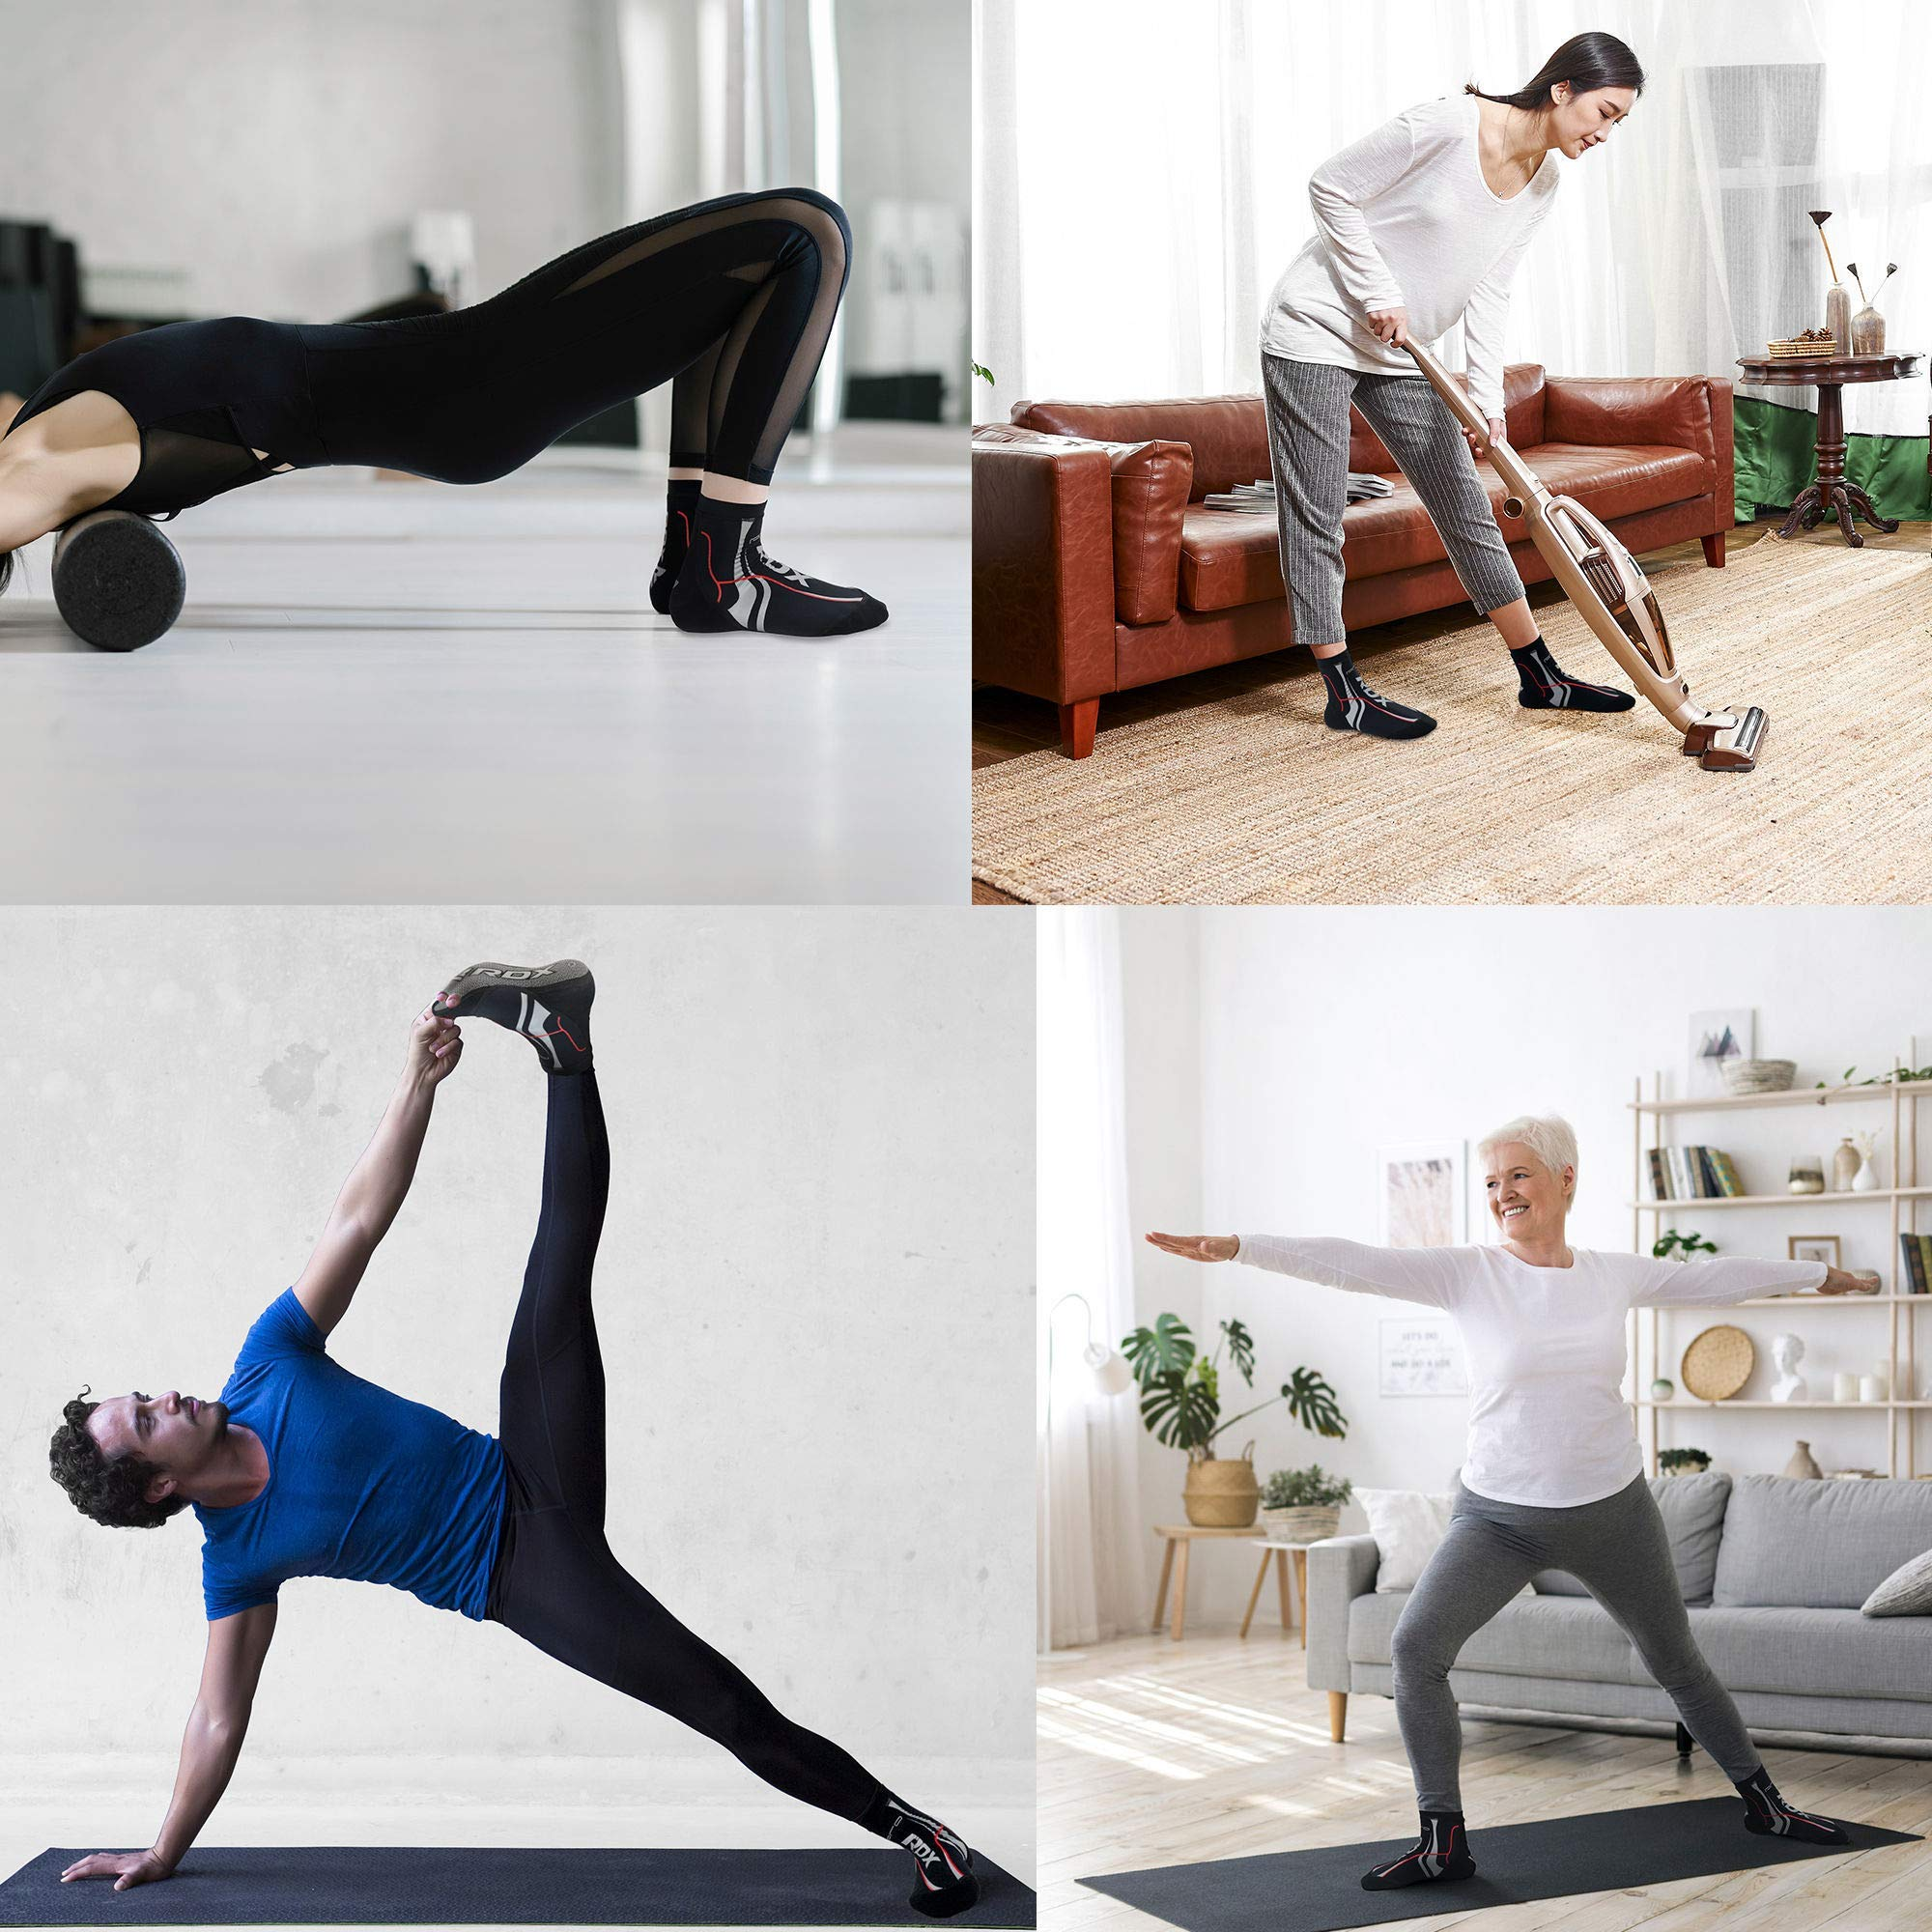 RDX MMA Calcetines con agarre para boxeo, yoga, soporte antideslizante para el tobillo, entrenamiento con barra antideslizante para Pilates, calcetines de neopreno elásticos con zapatilla para agarre, jiu jitsu, lucha y artes marciales